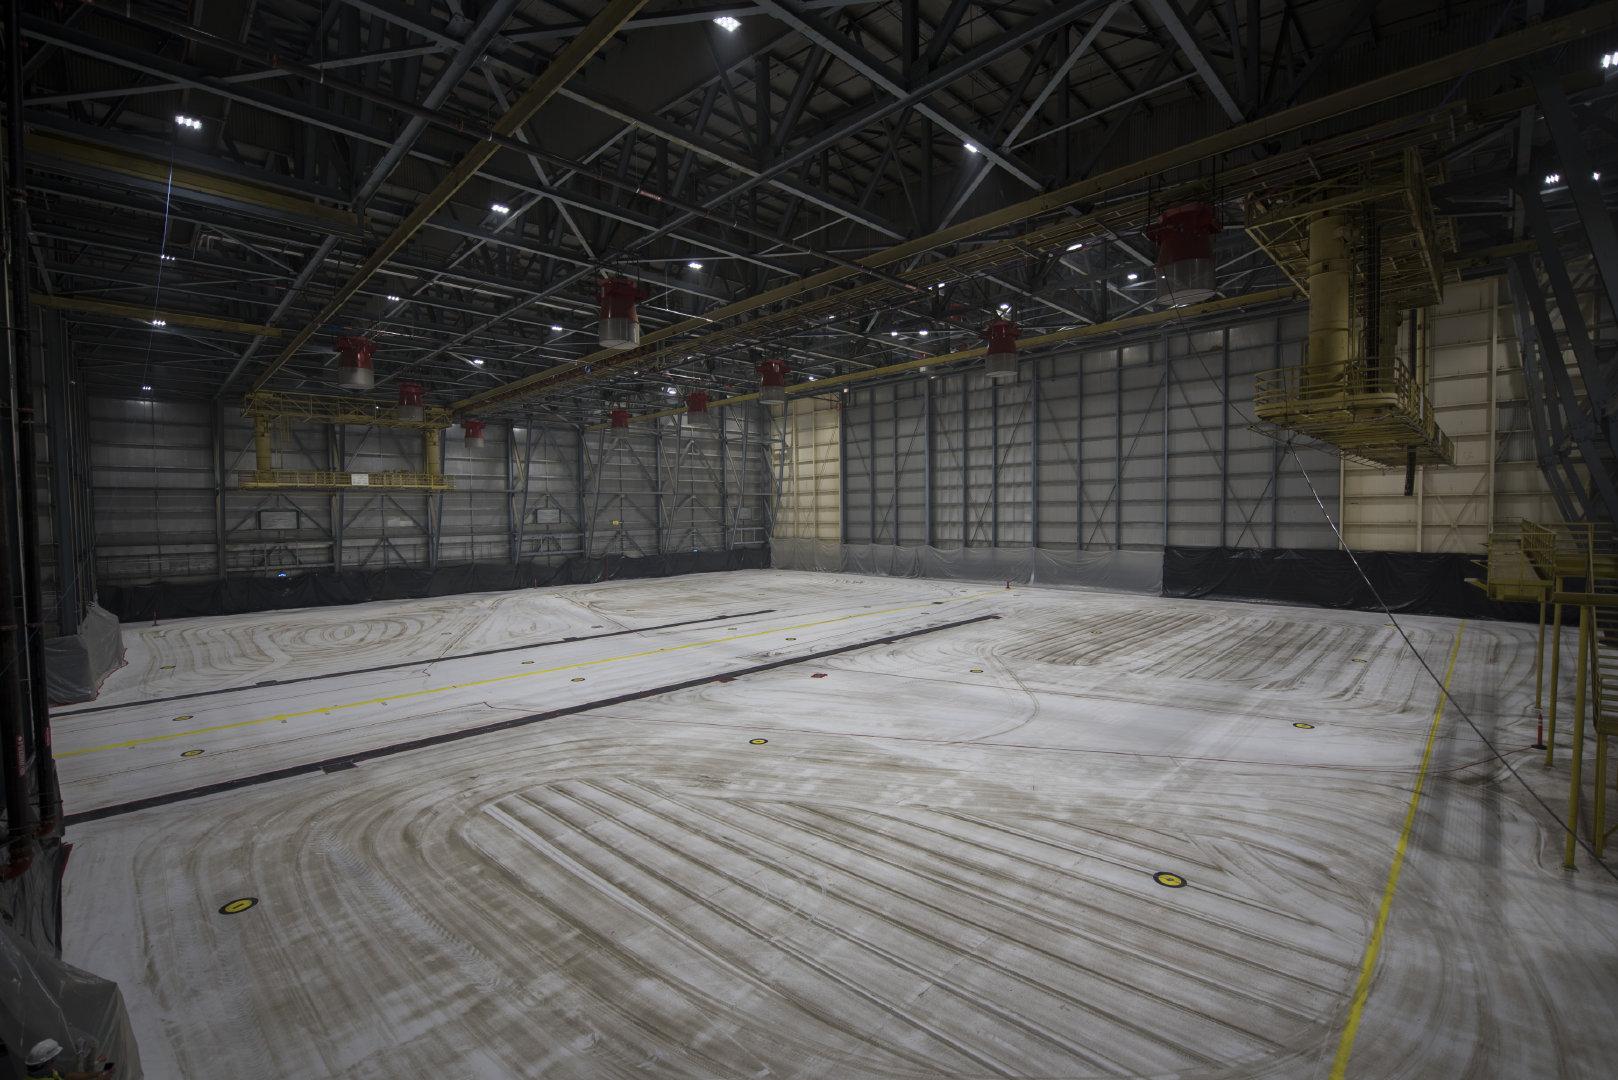 机库811在2020年9月11日在加利福尼亚州特拉维斯空军基地进行的高膨胀